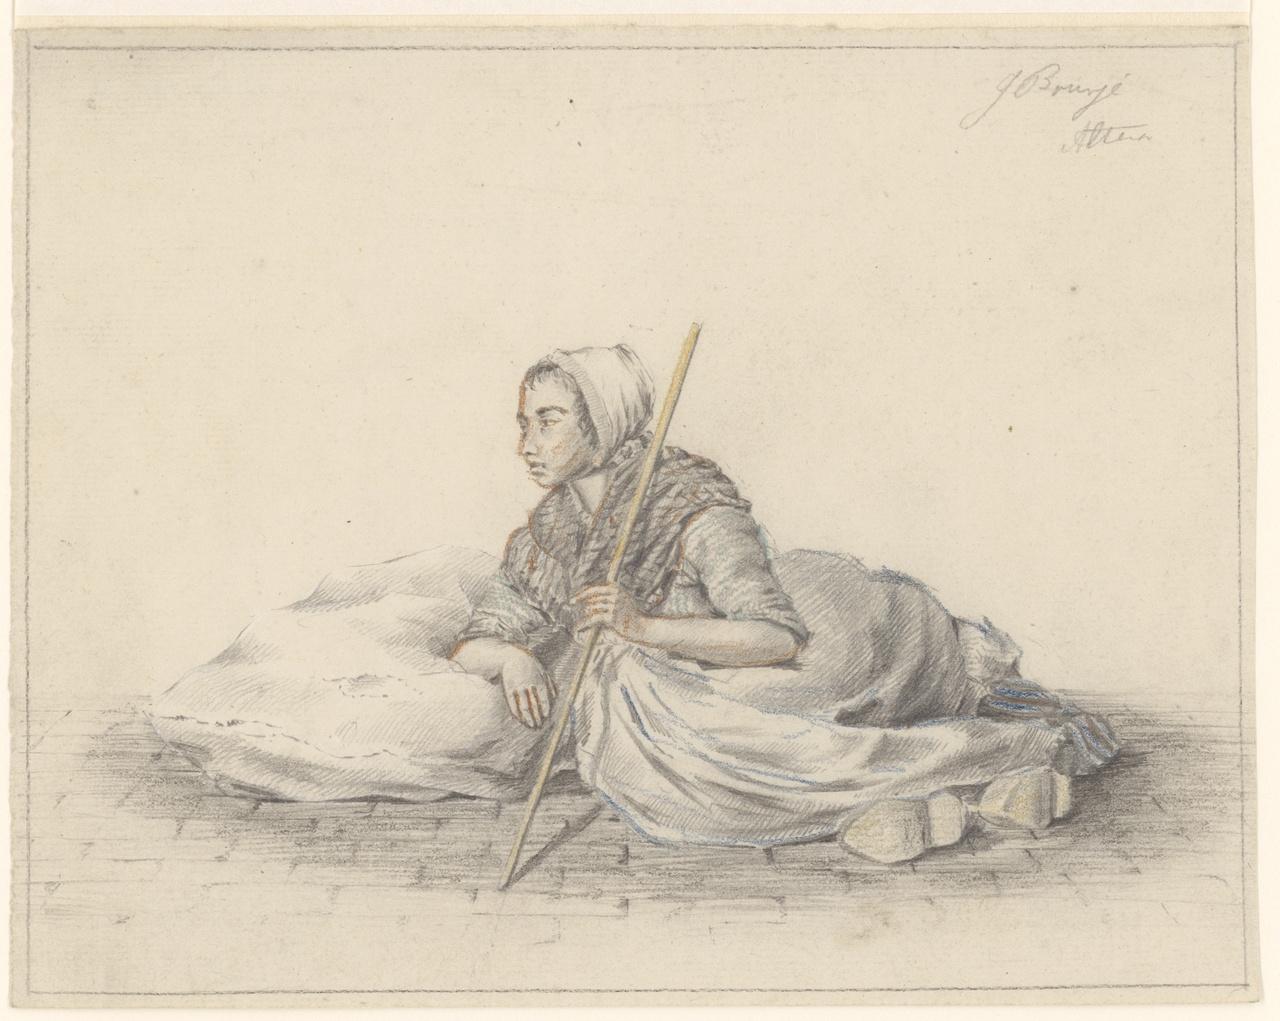 Vrouw in klederdracht, zittend op de straatstenen, Johan Pieter Bourjé